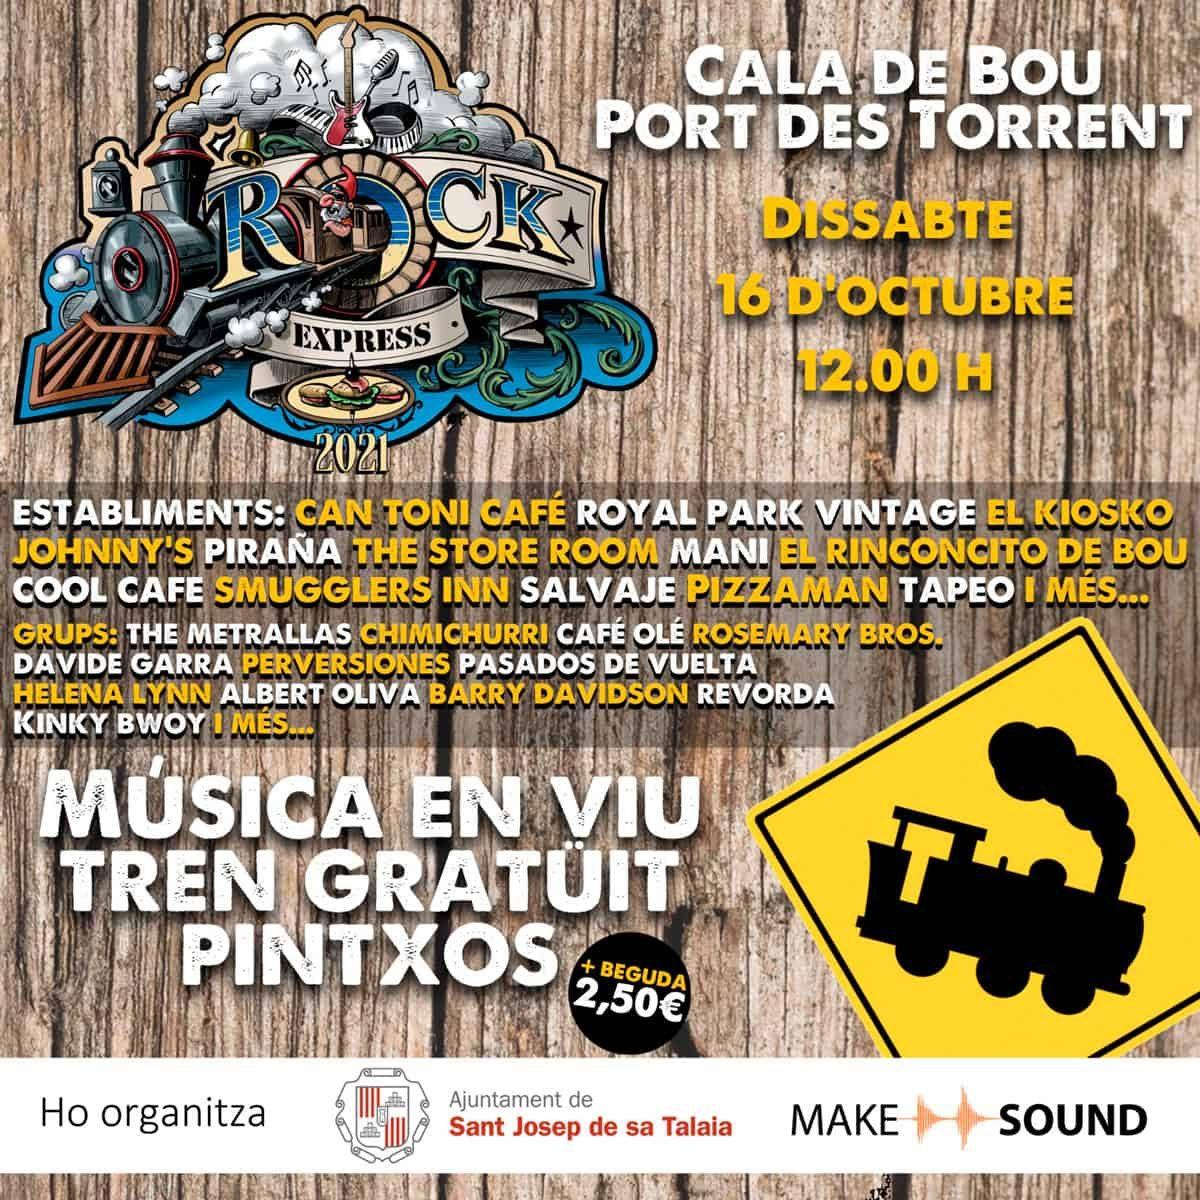 rock-exprés-cala-de-bou-port-des-torrent-Eivissa-2021-welcometoibiza